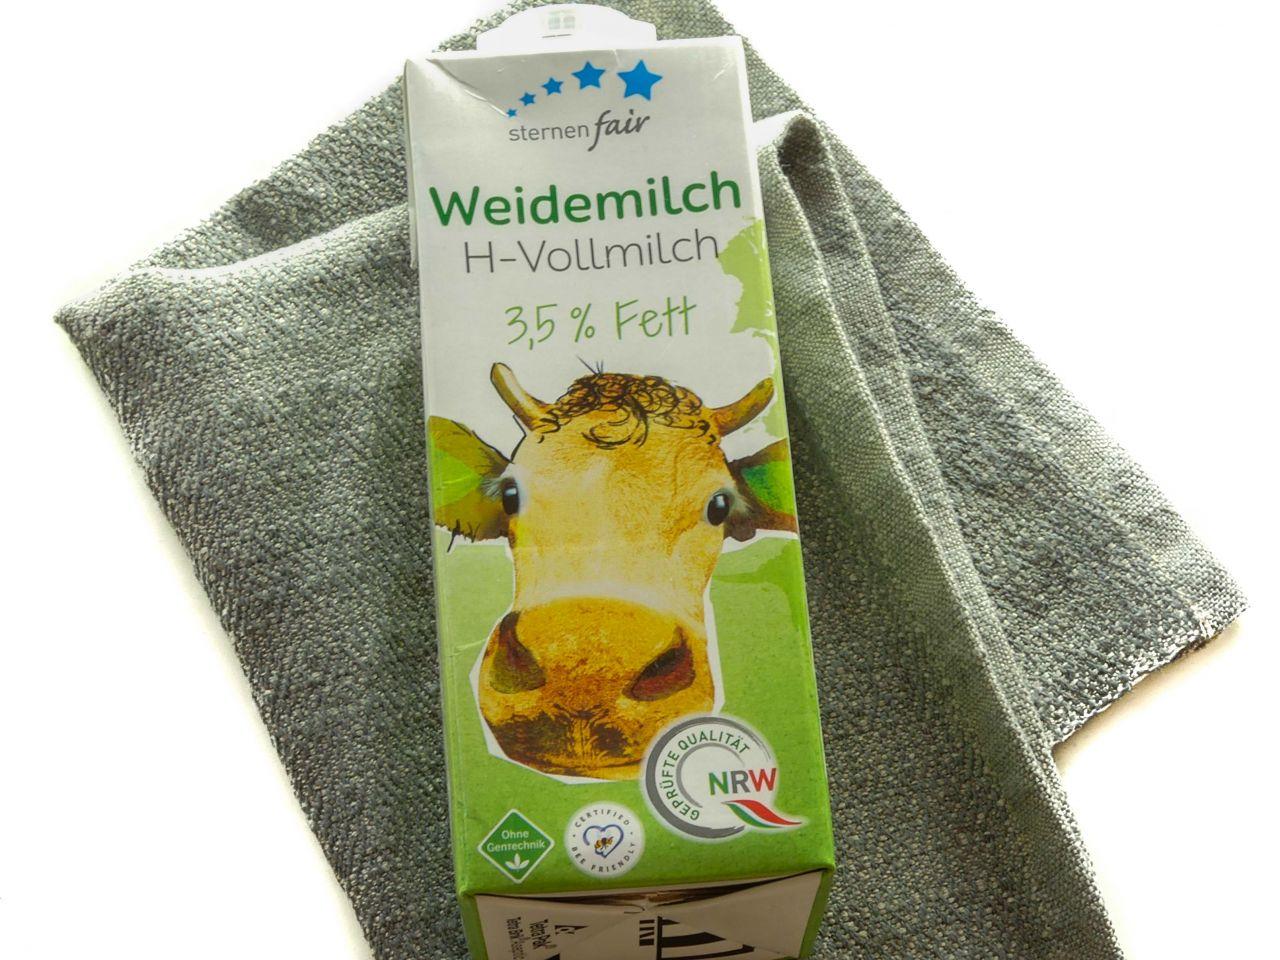 Weidemilch (H - Milch), 3,5% Fett